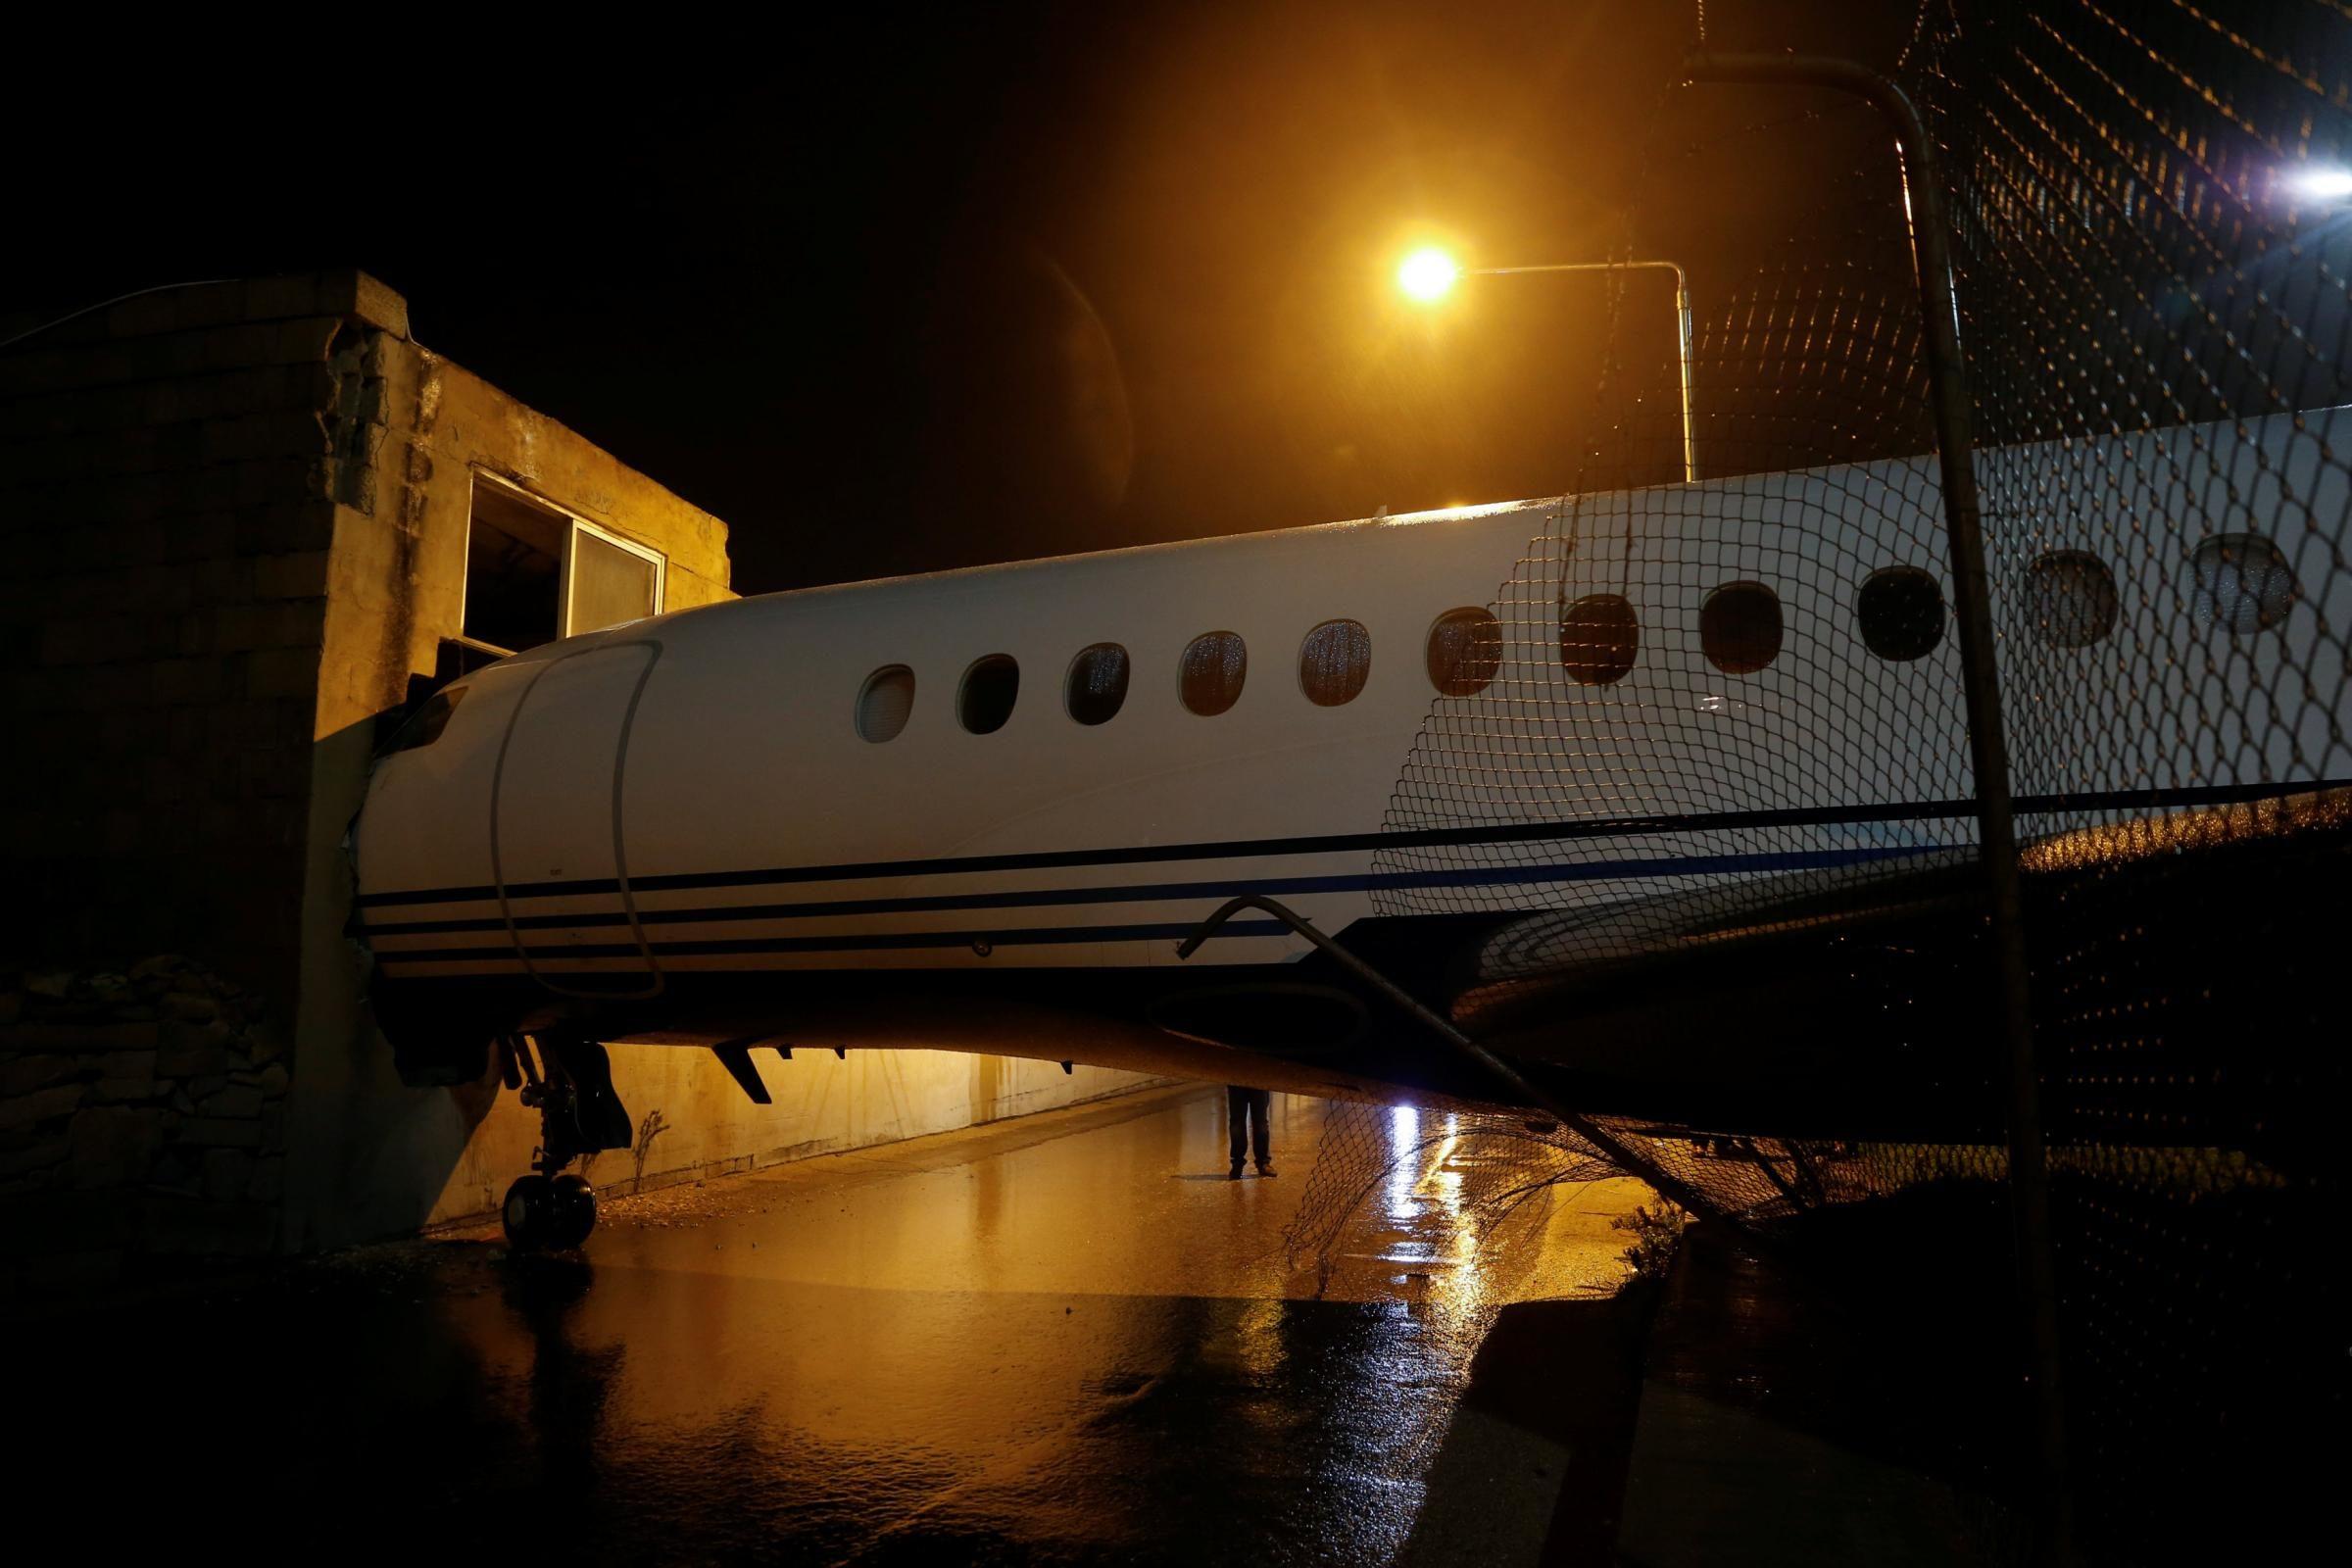 Aereo Privato Falcon : Malta il forte vento sposta un aereo e lo fa schiantare